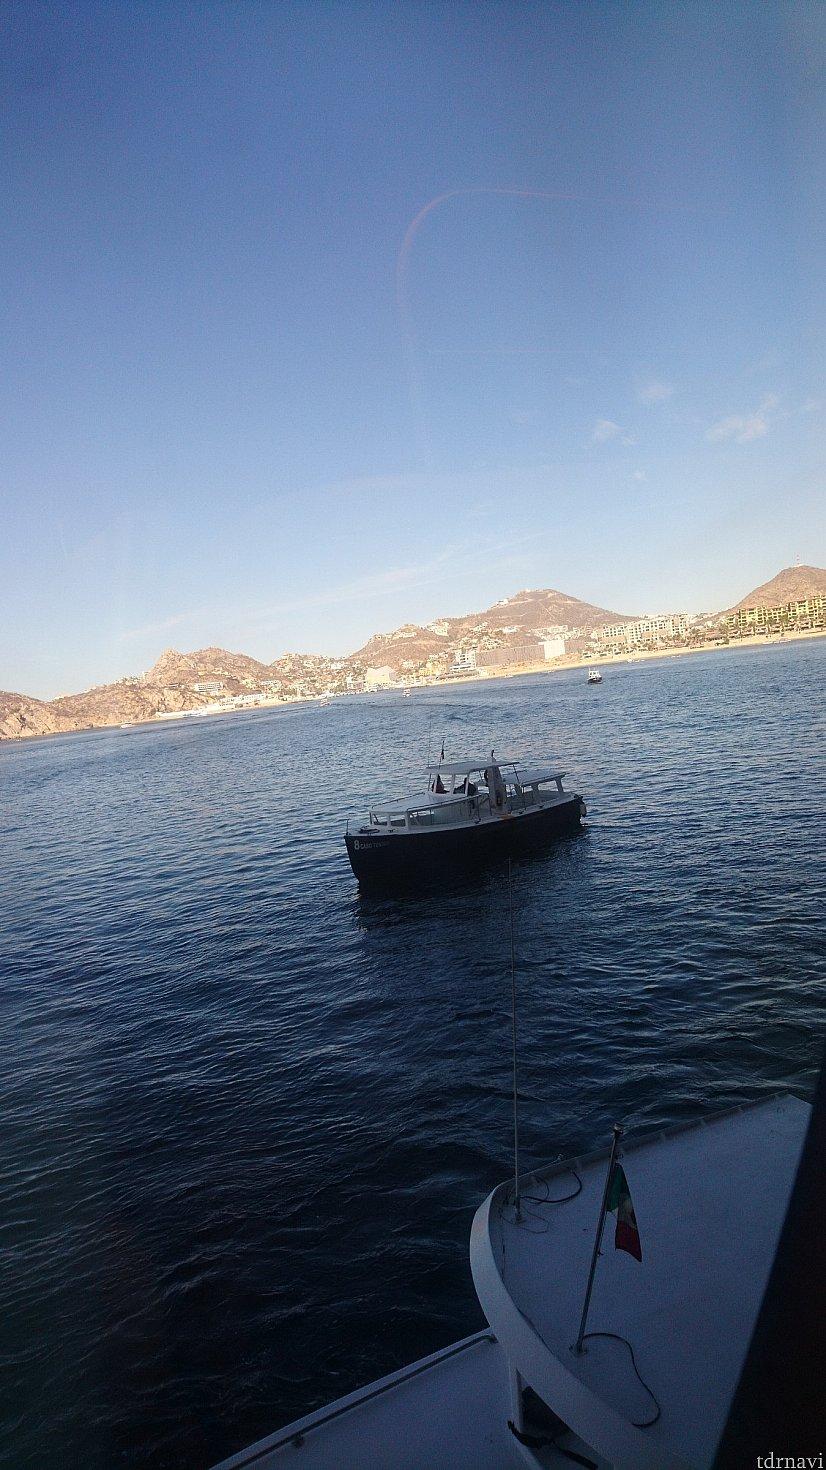 【3日目カボ・サンルーカス】 テンダーボートに揺られて陸を目指します!